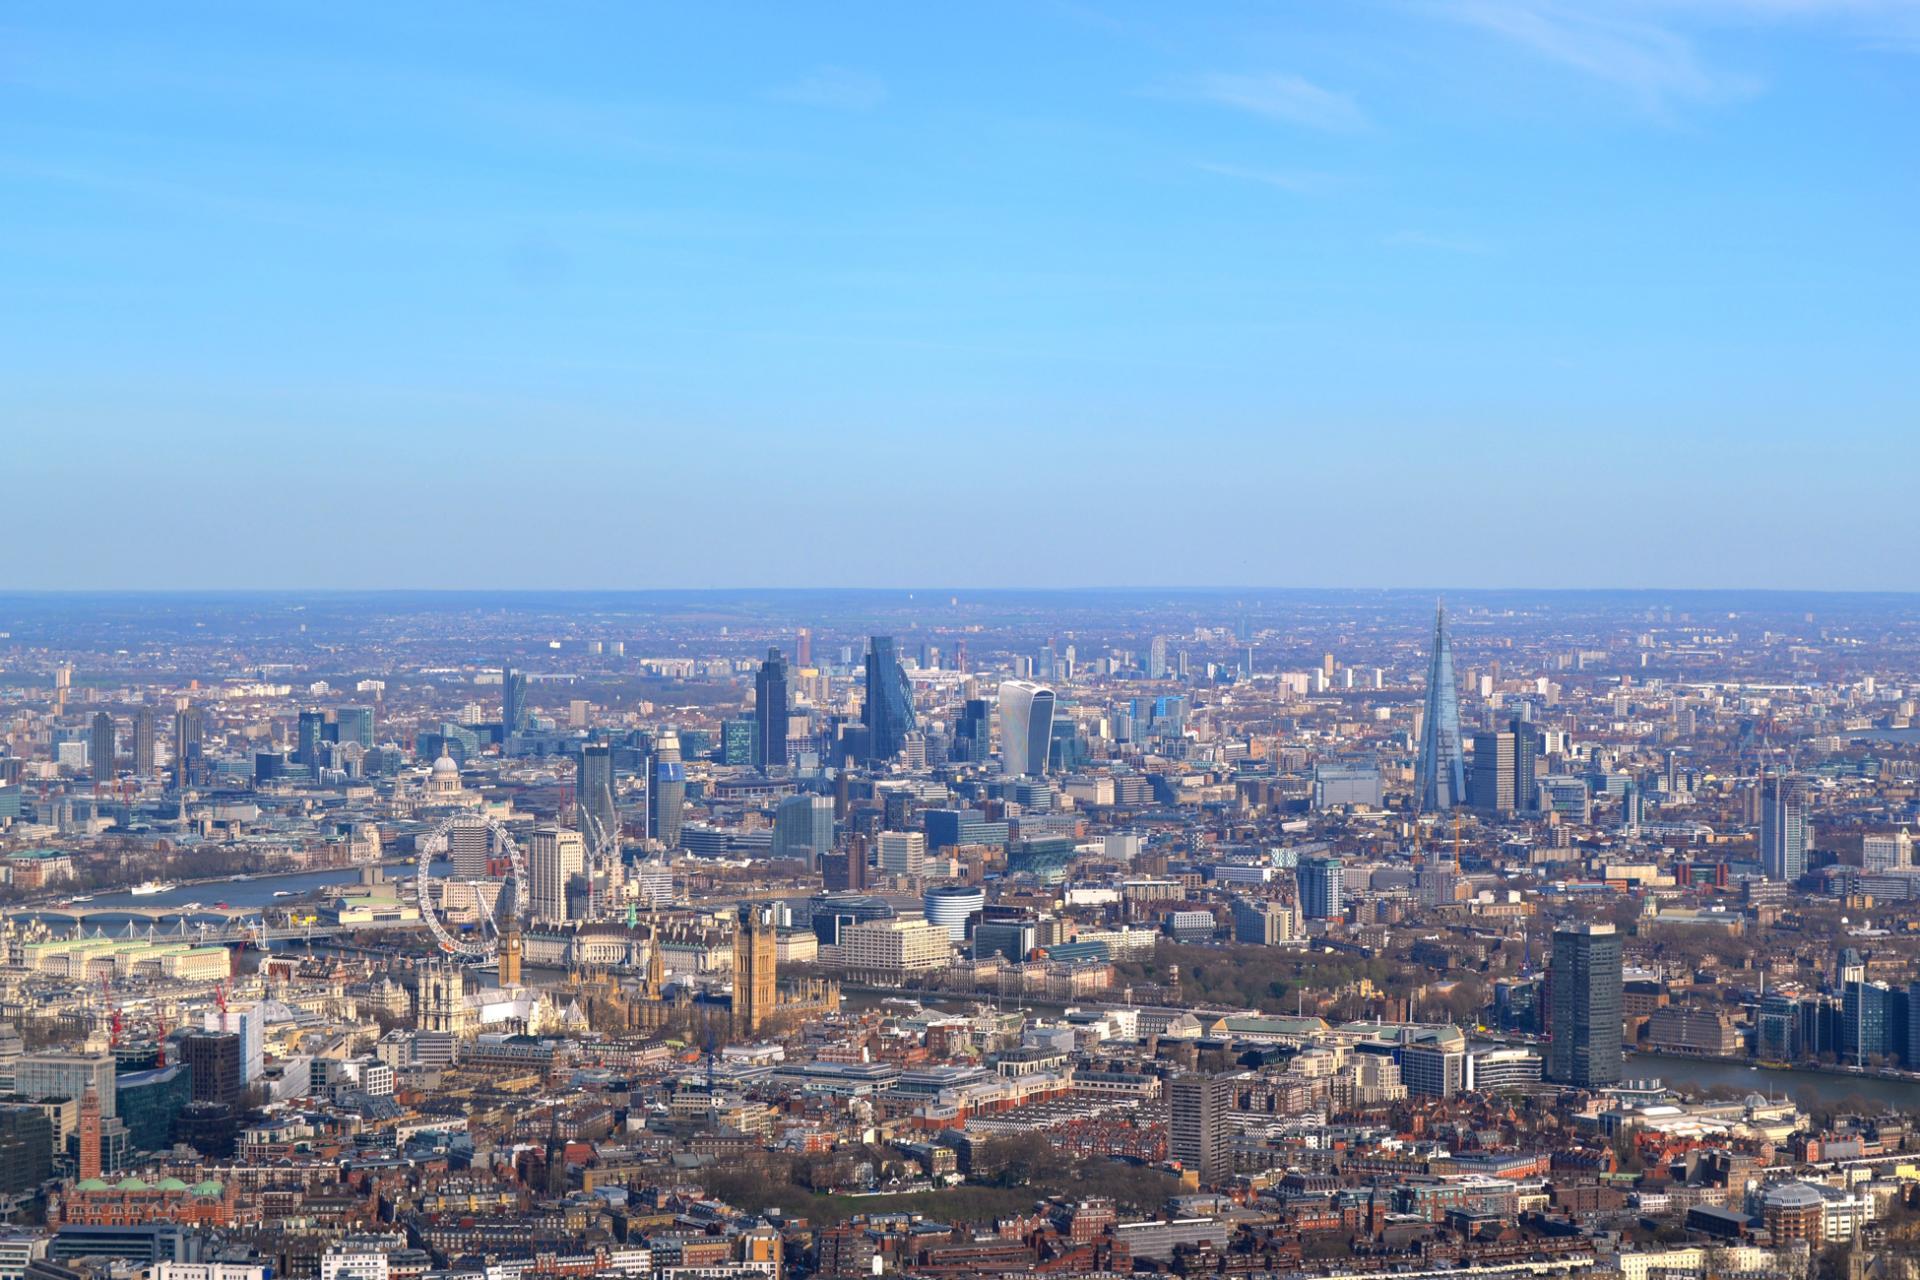 Londres desde el aire desde un tour en helicóptero